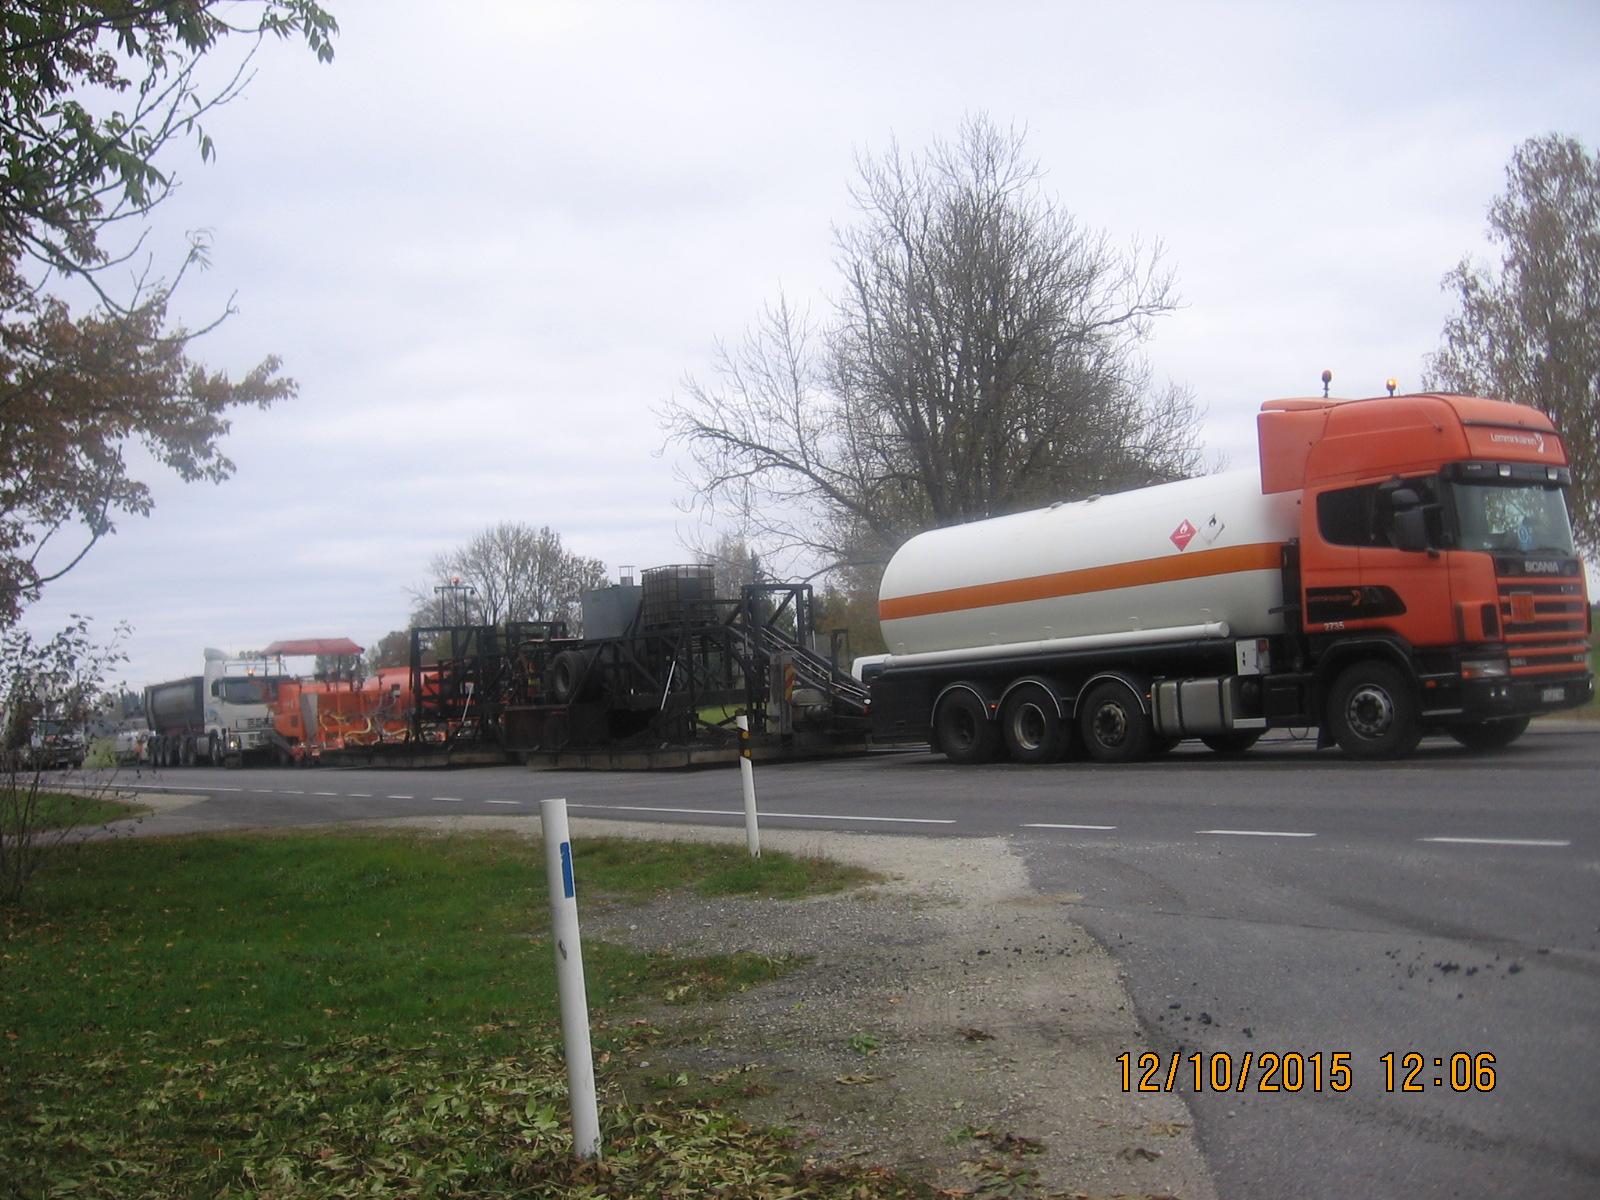 Omanikujärelevalve teostamine asfaltkatete kuumtaastamisele riigimaanteedel 1 Tallinn-Narva km 140,7-146,15 ja 2 Tallinn-Tartu-Võru-Luhamaa km 91,2-100,0